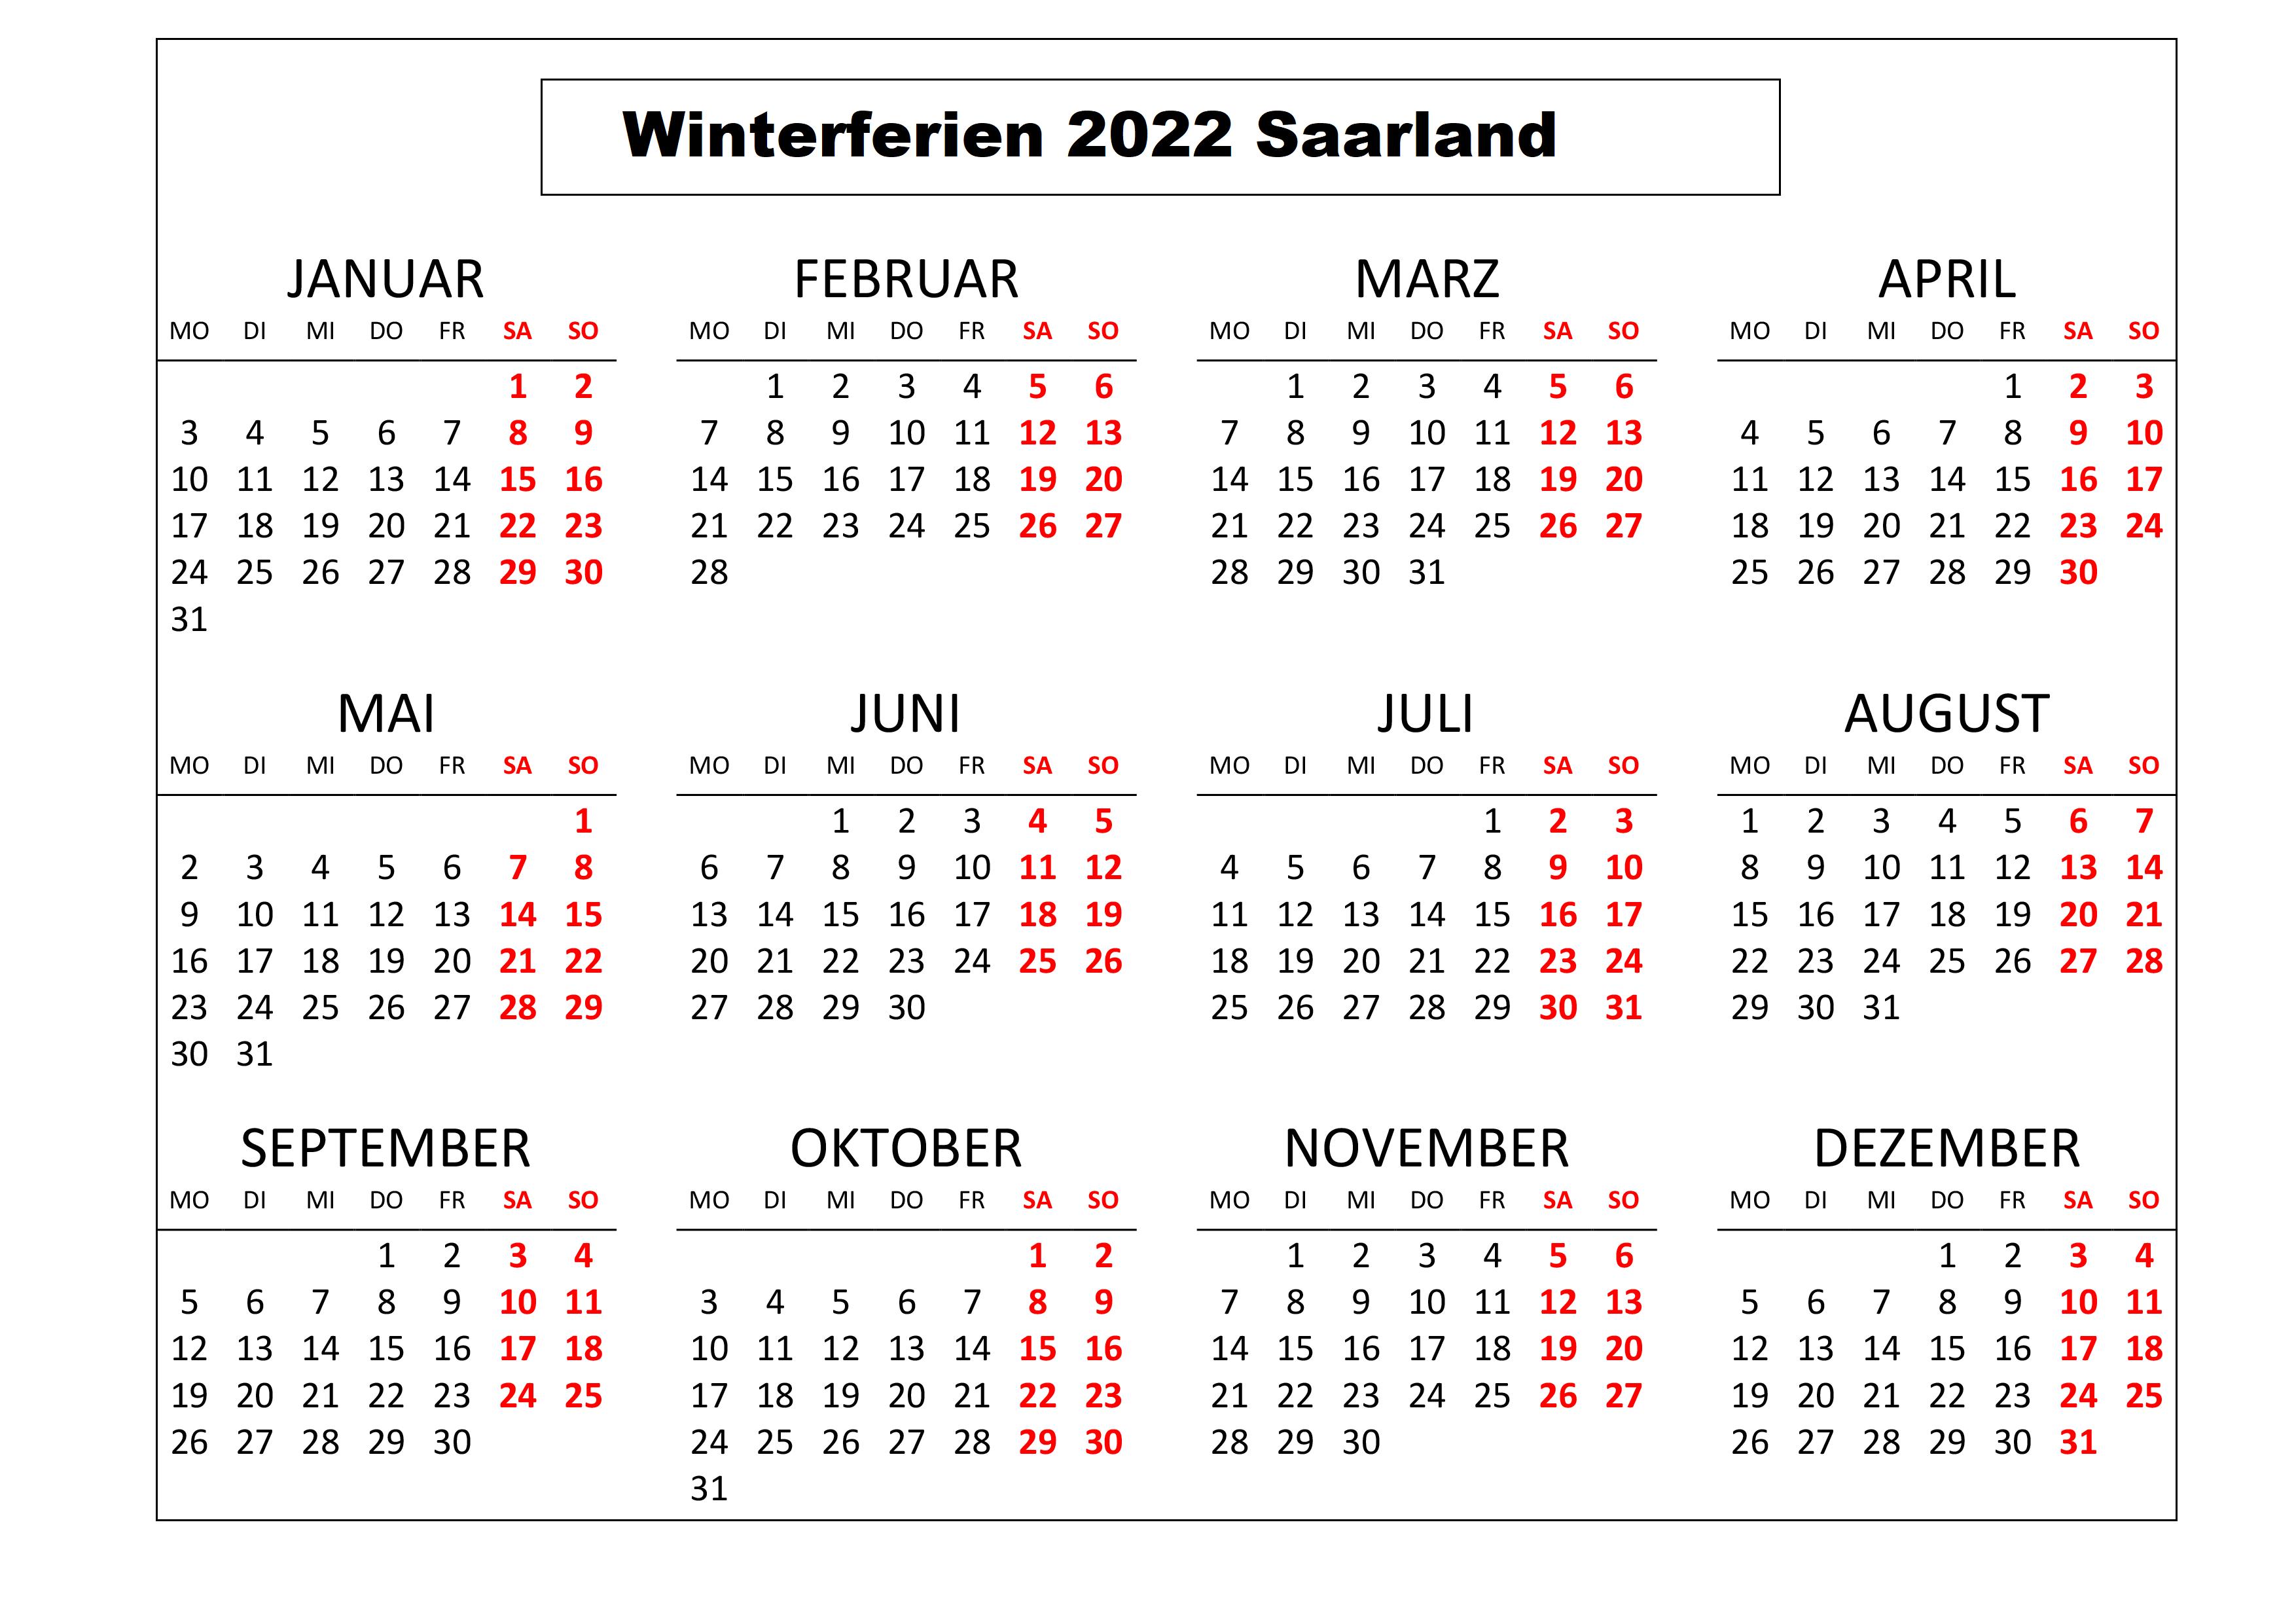 WinterferienKalender 2022 Saarland Zum Ausdrucken